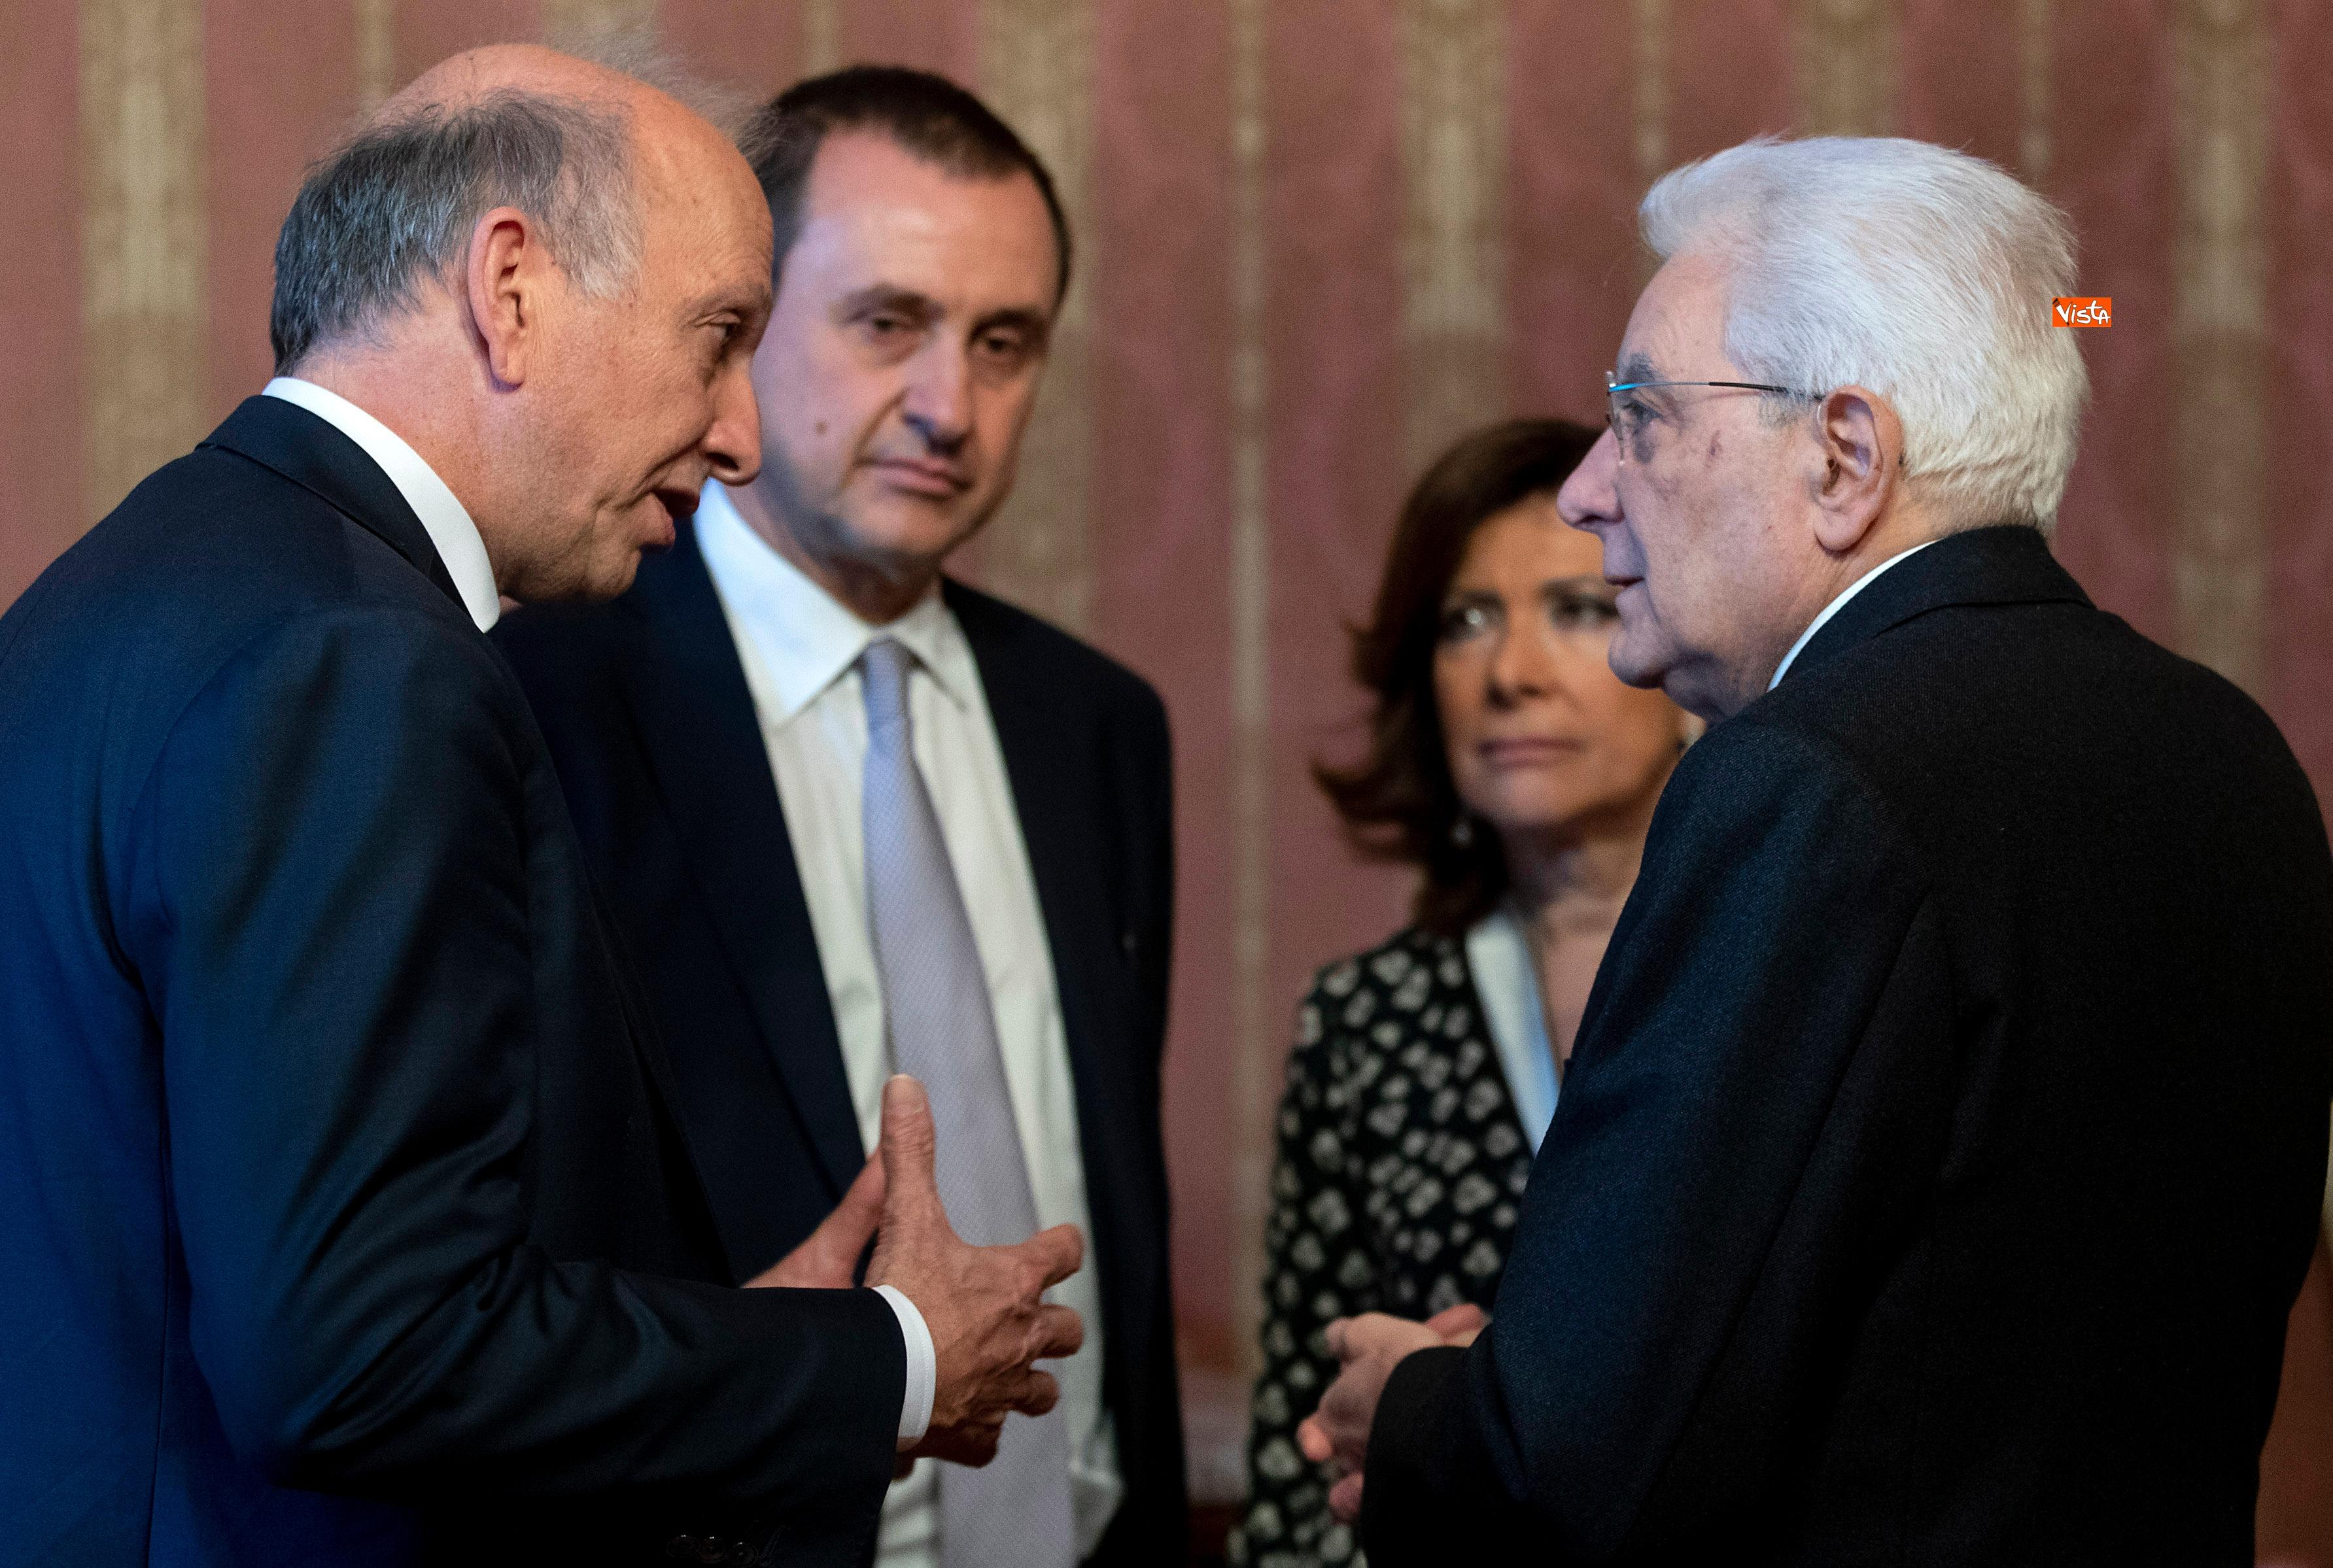 Il Presidente Mattarella, la presidente Casellati e il ministro Bussetti all'Accademia dei Lincei